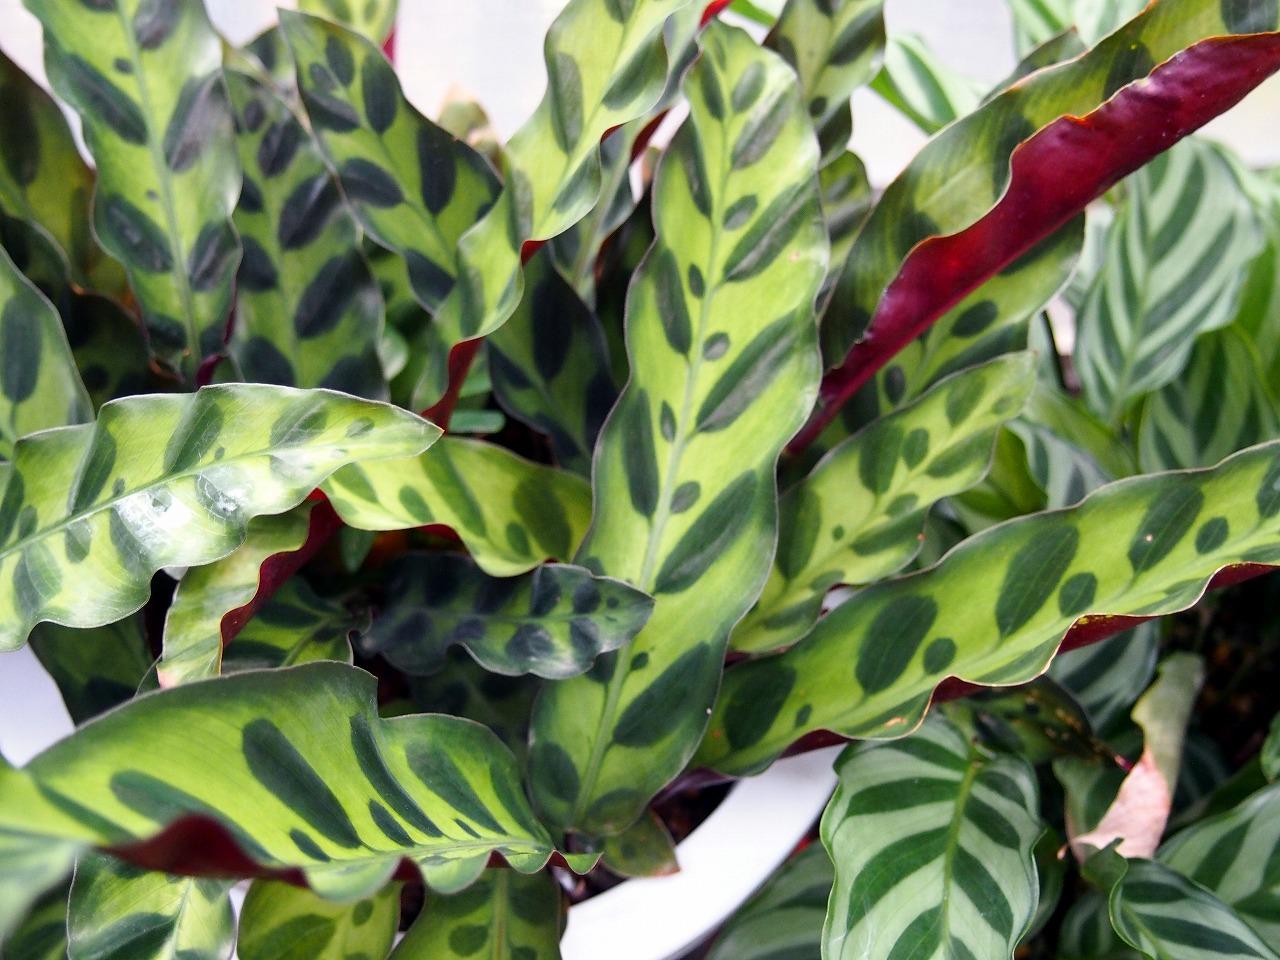 BotanicalGarden149_20141115.jpg